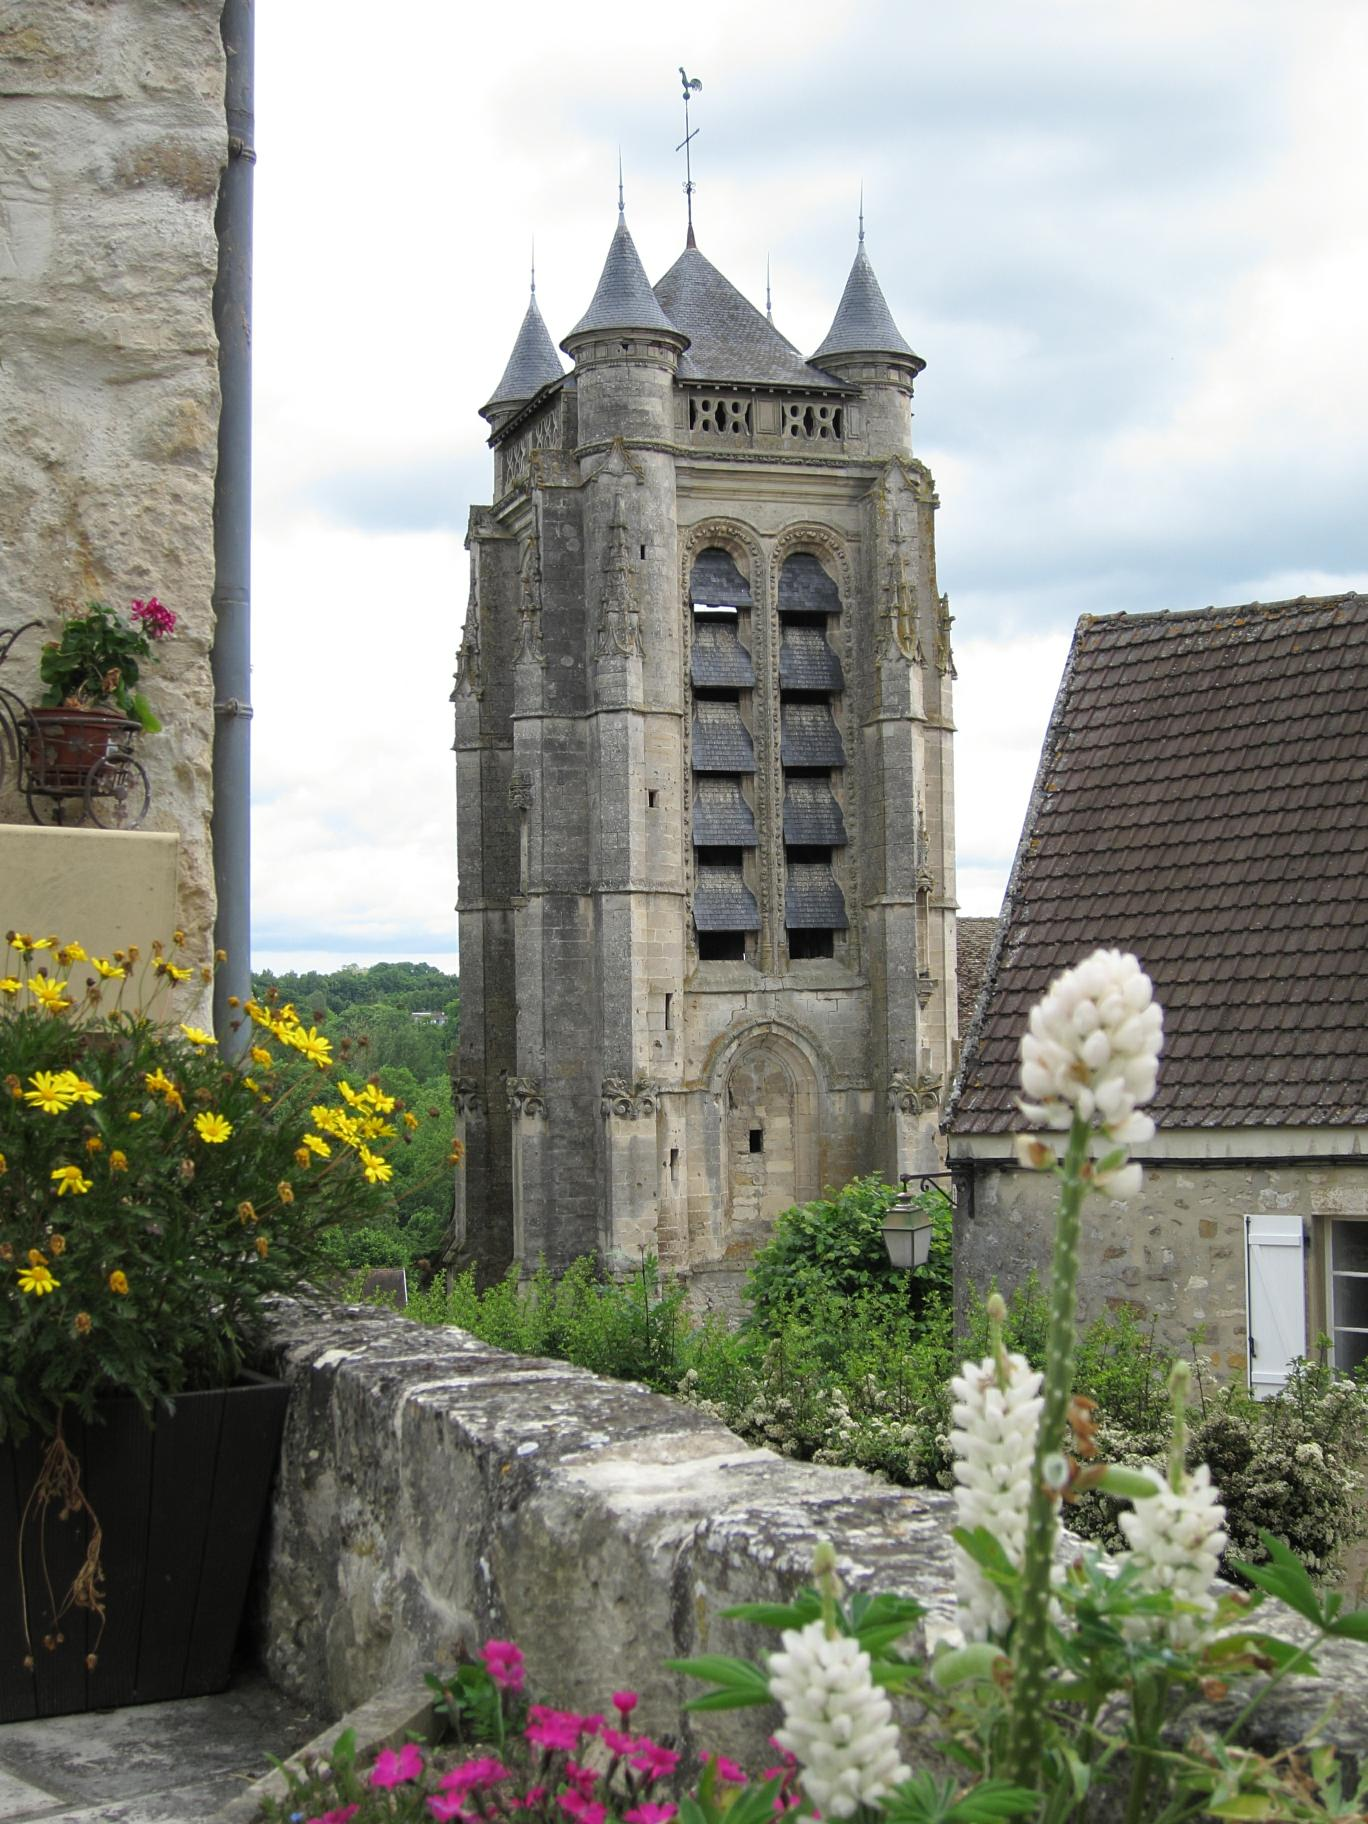 Eglise Nôtre Dâme, La Ferté-Milon